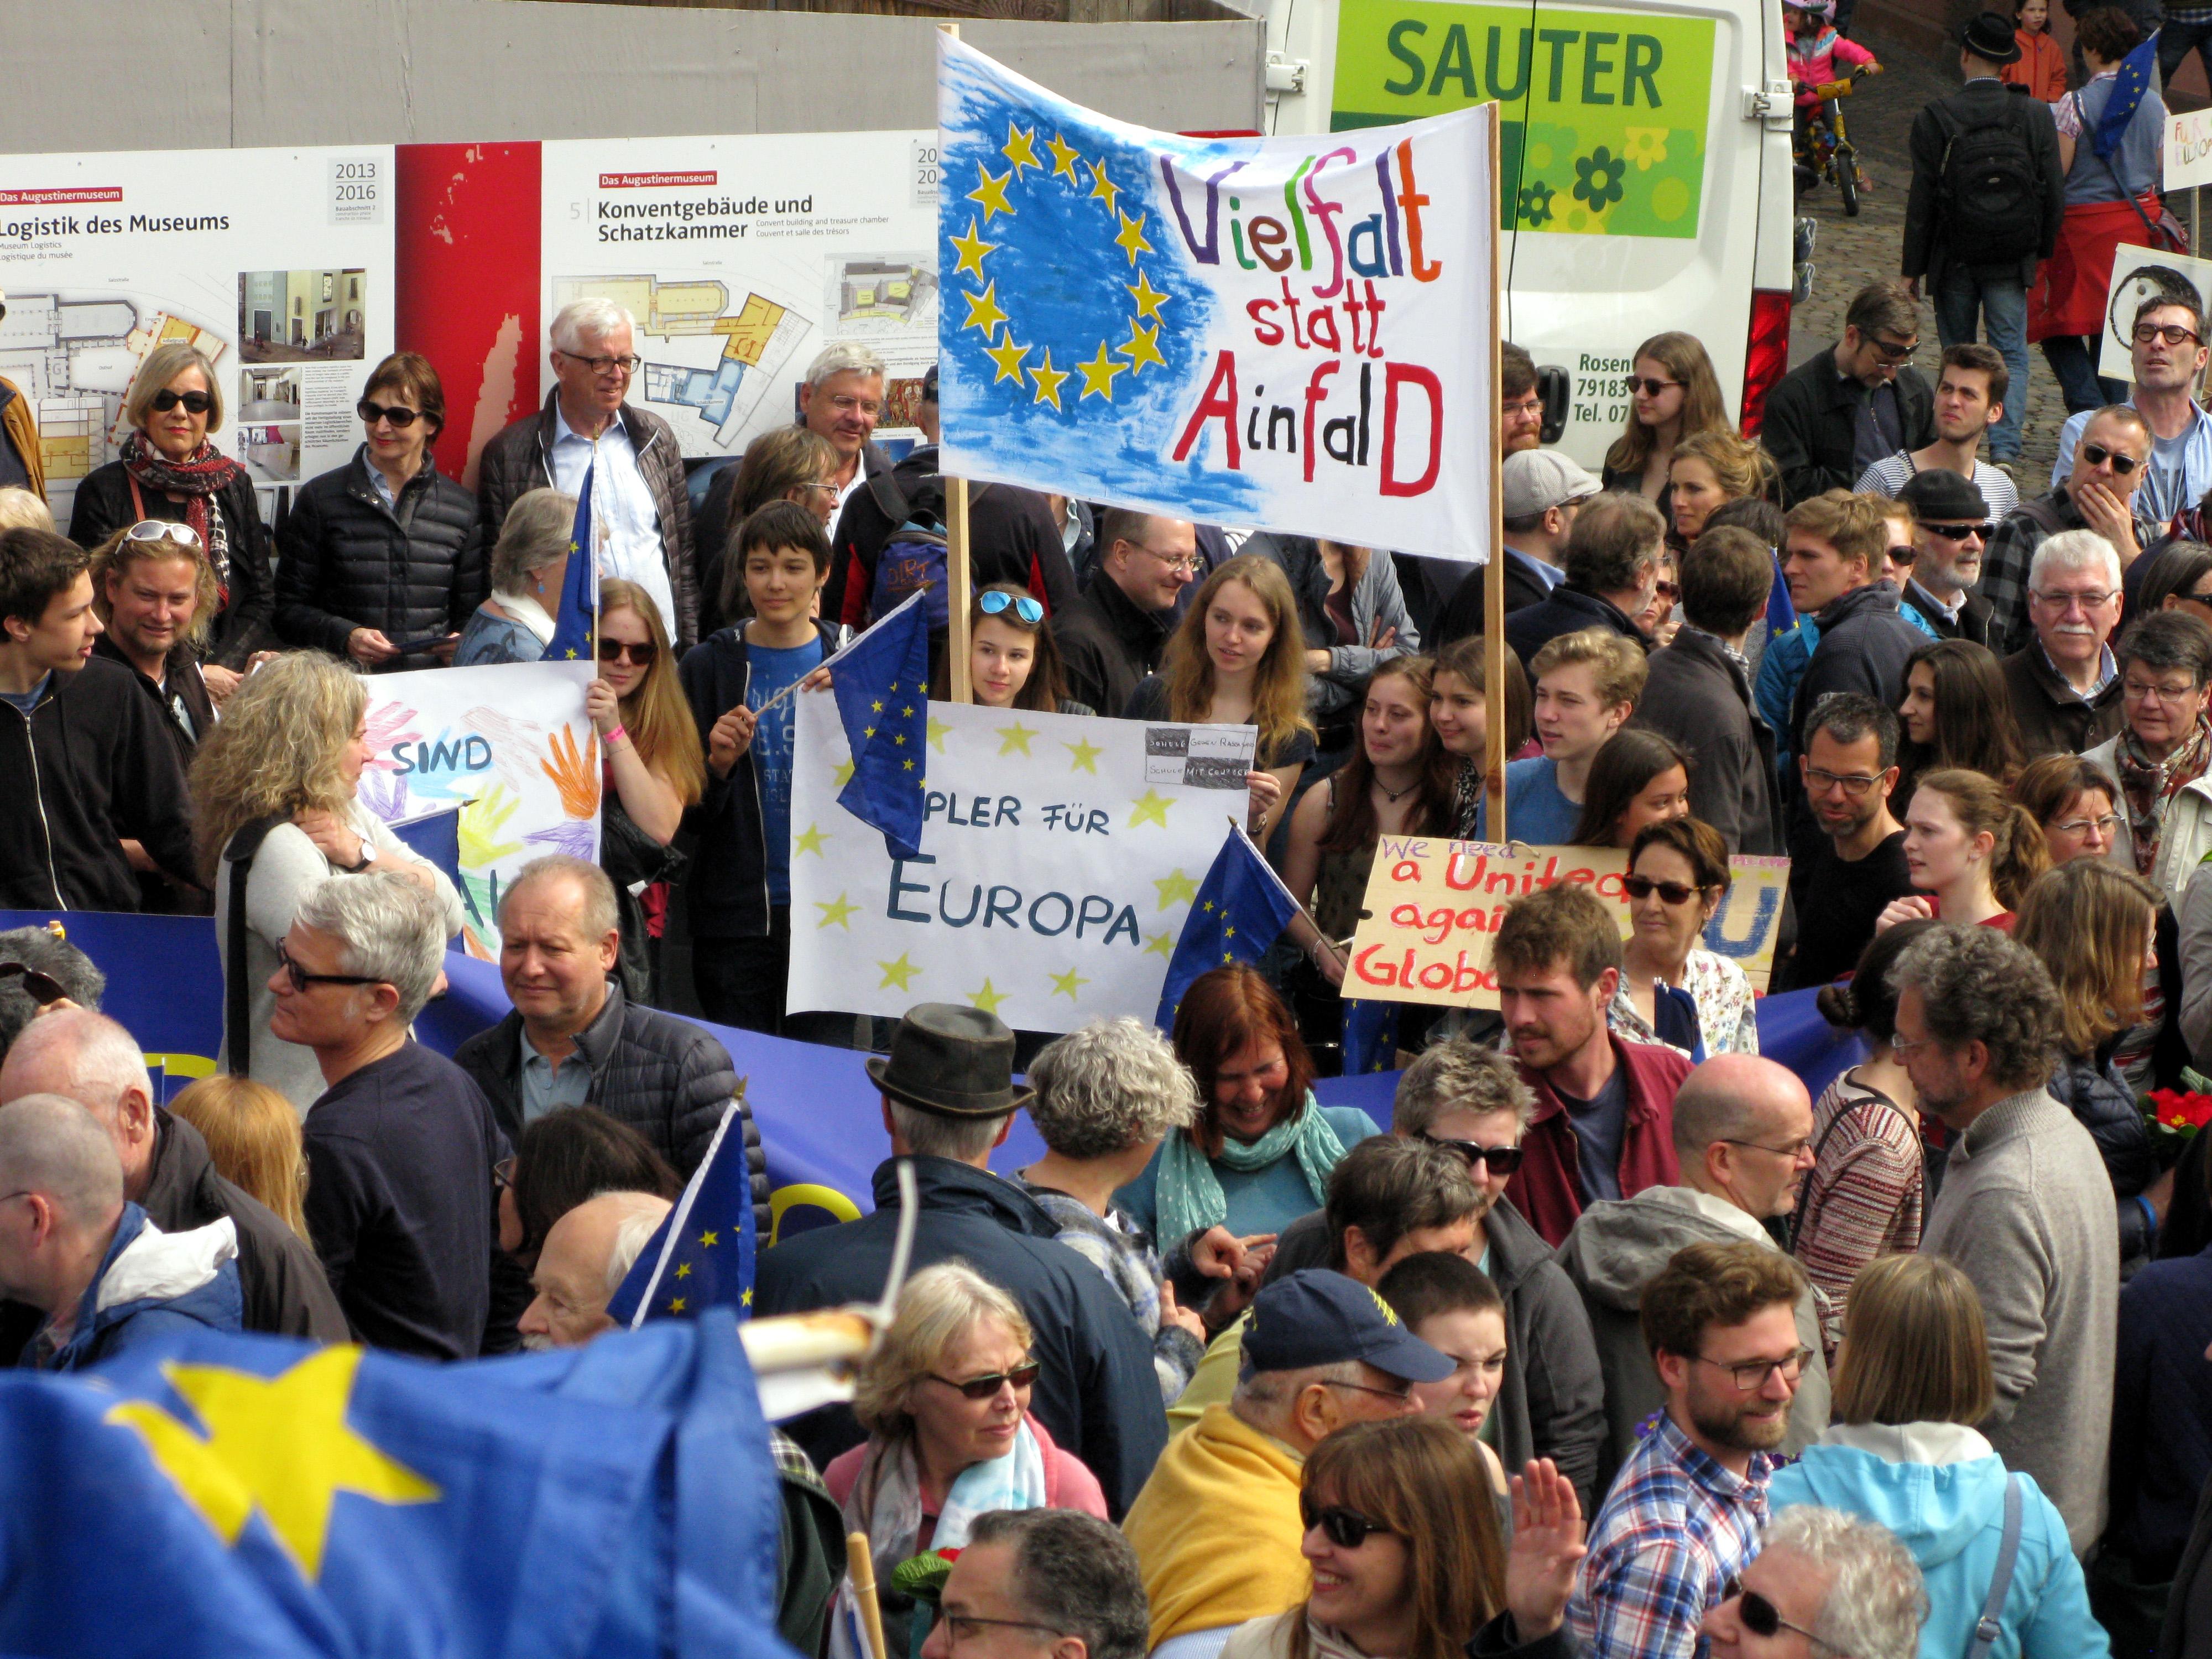 Manifestación del movimiento Pulse of Europe, una iniciativa alemana para combatir el euroescepticismo, el pasado 26 de marzo en Friburgo. Foto: Andreas Schwarzkopf